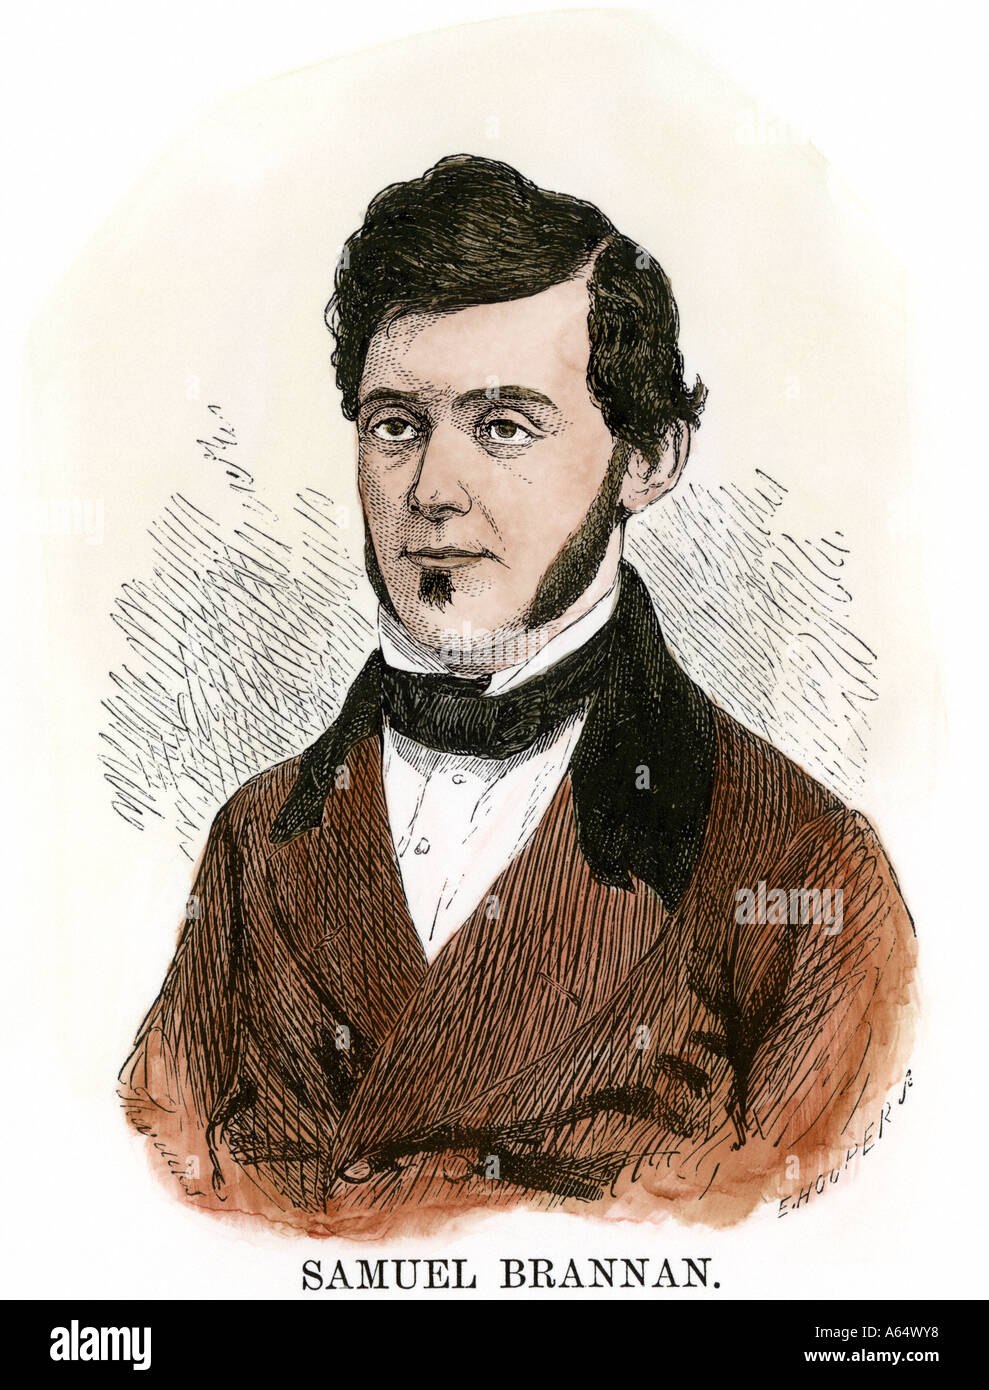 Sam ou Samuel Brannan pionnier de la Californie des années 1850. À la main, gravure sur bois Photo Stock